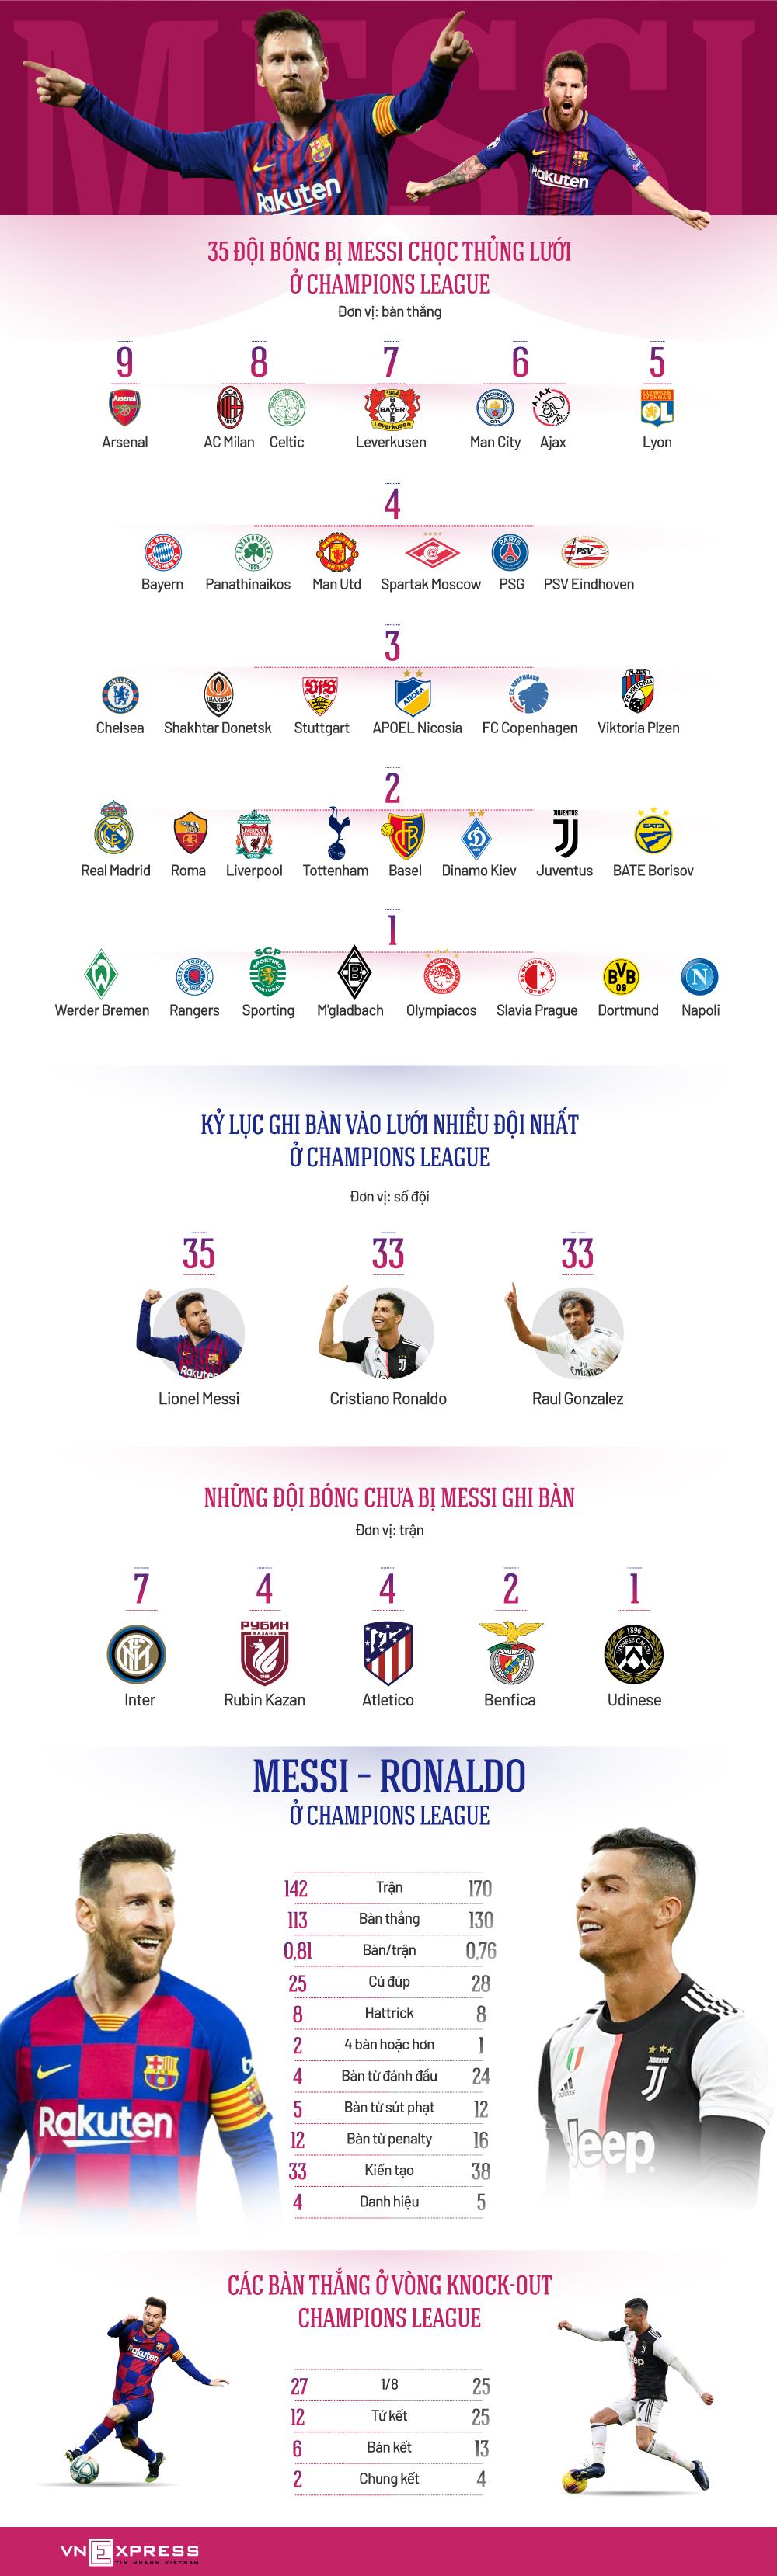 Những nạn nhân của Messi